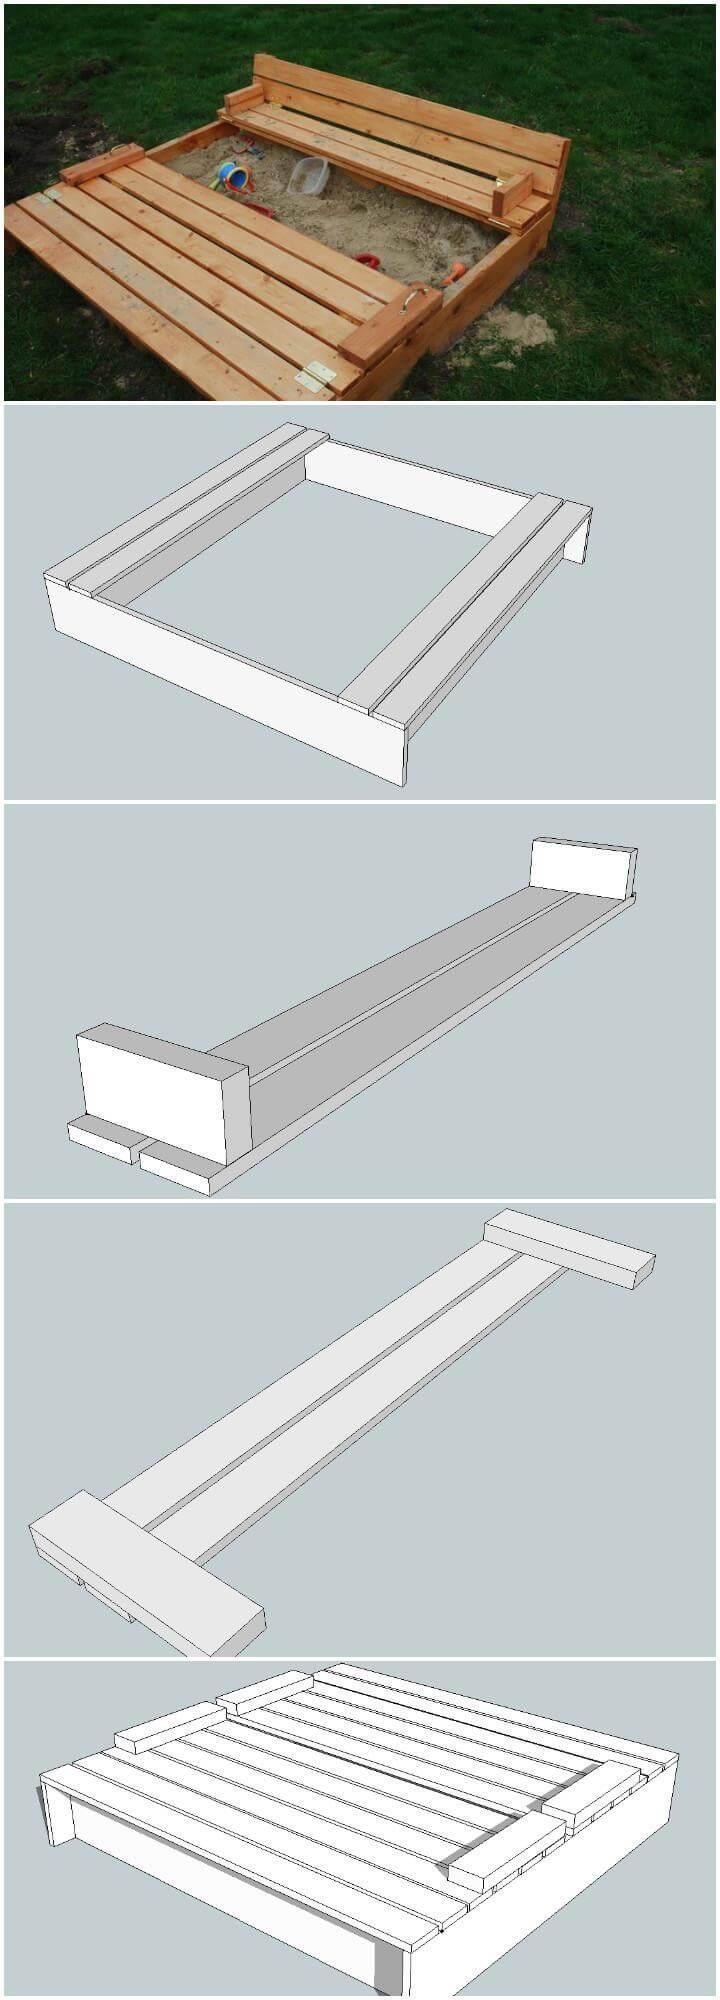 Caja de arena de madera para bricolaje con asientos integrados